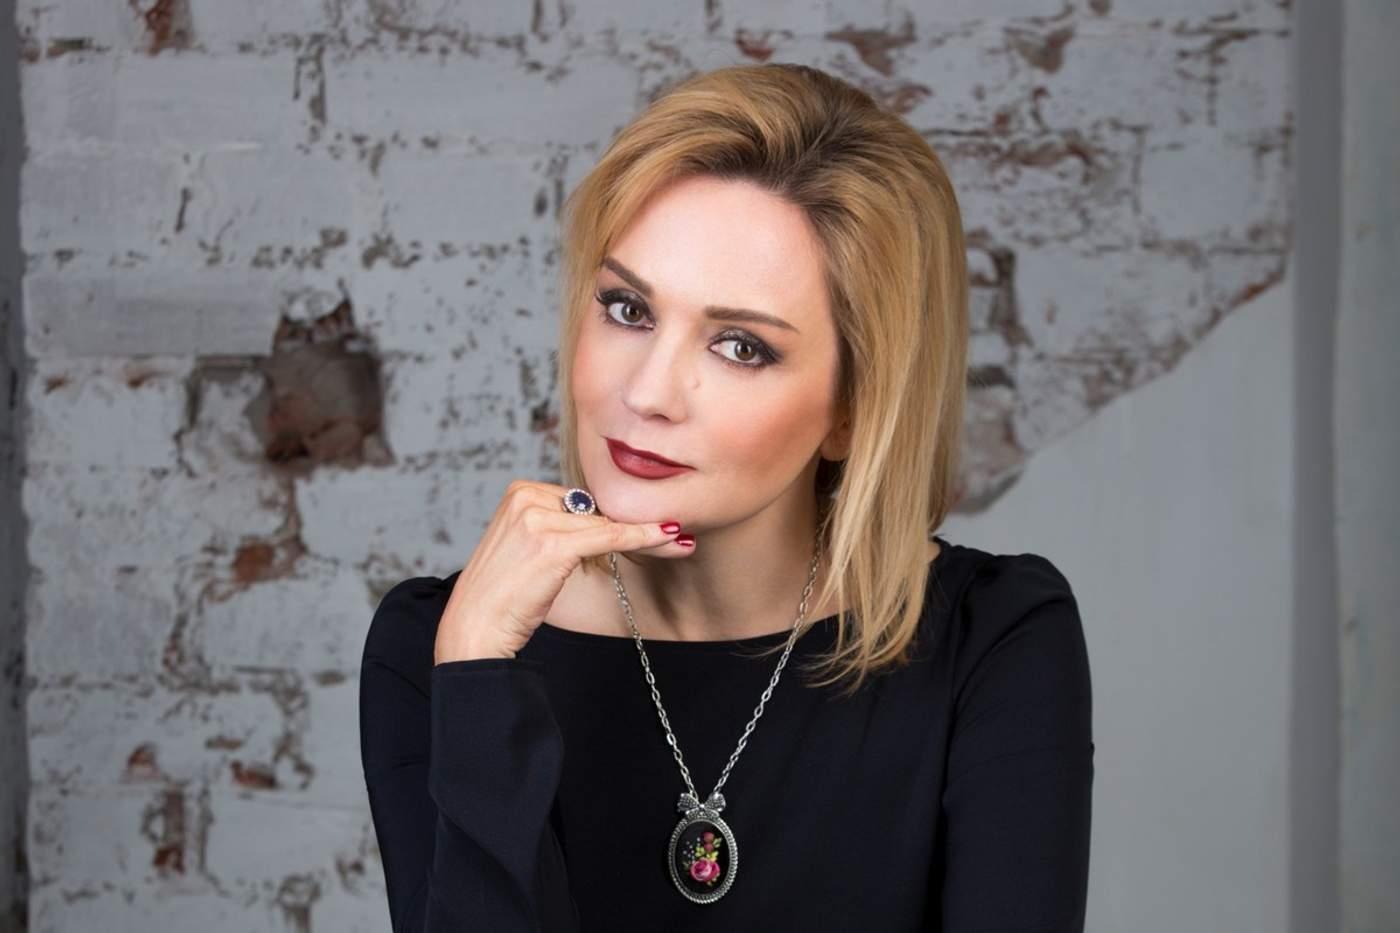 Татьяна Буланова рассказала, ради чего готова уйти со сцены в политику 2